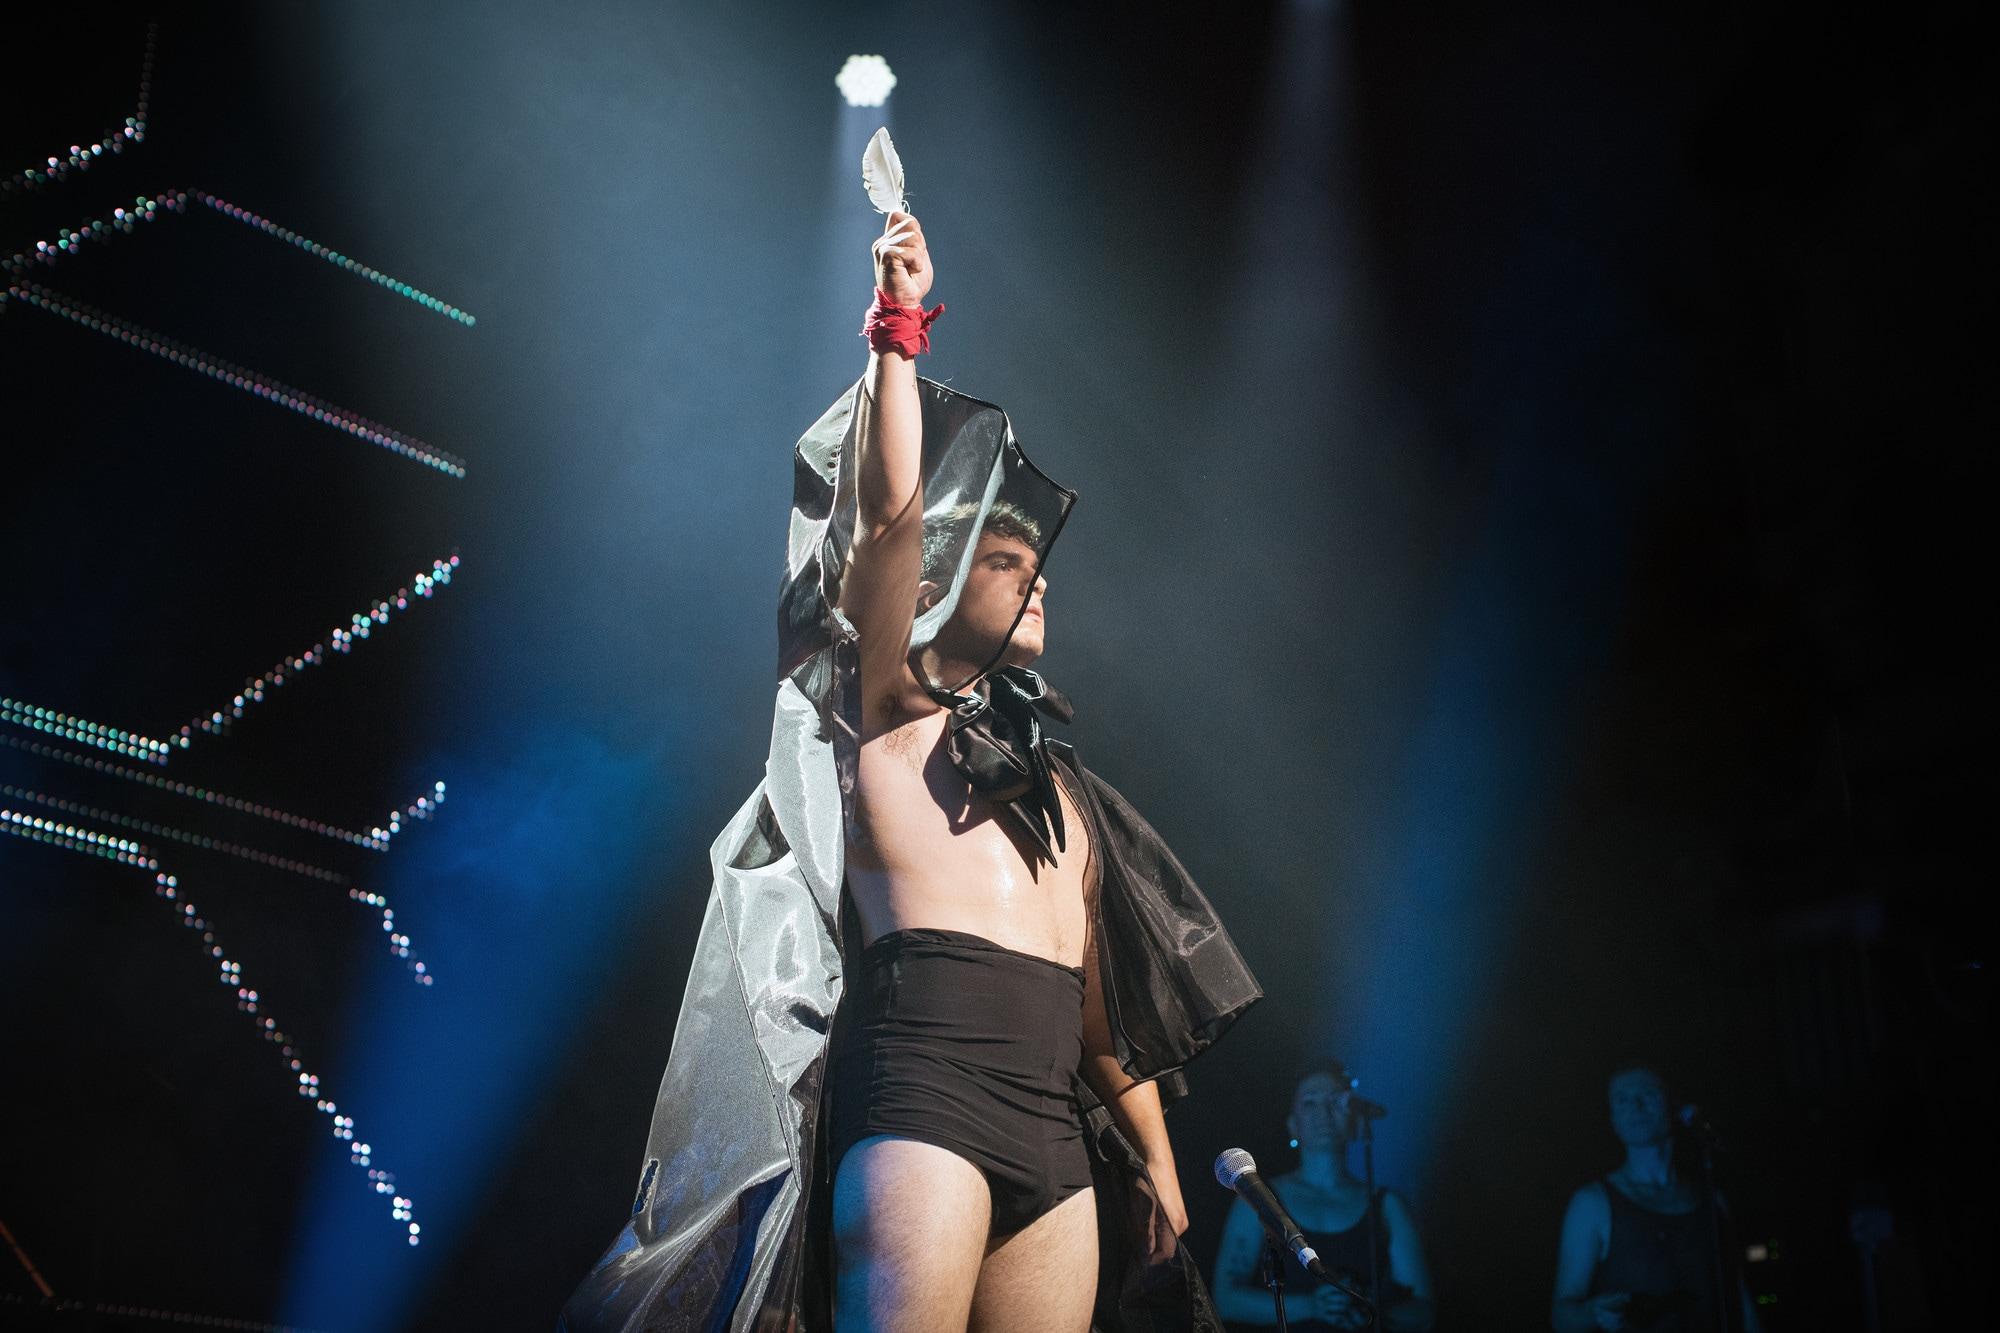 Sur scène, un homme dont le bras droit est tendu vers le haut tient une plume d'aigle. Un tissu rouge est enroulé et noué sur son poignet. Il porte une cape noire et un short haut noir. Devant lui se trouve un micro et, derrière lui, à sa gauche, se trouvent deux chanteuses.